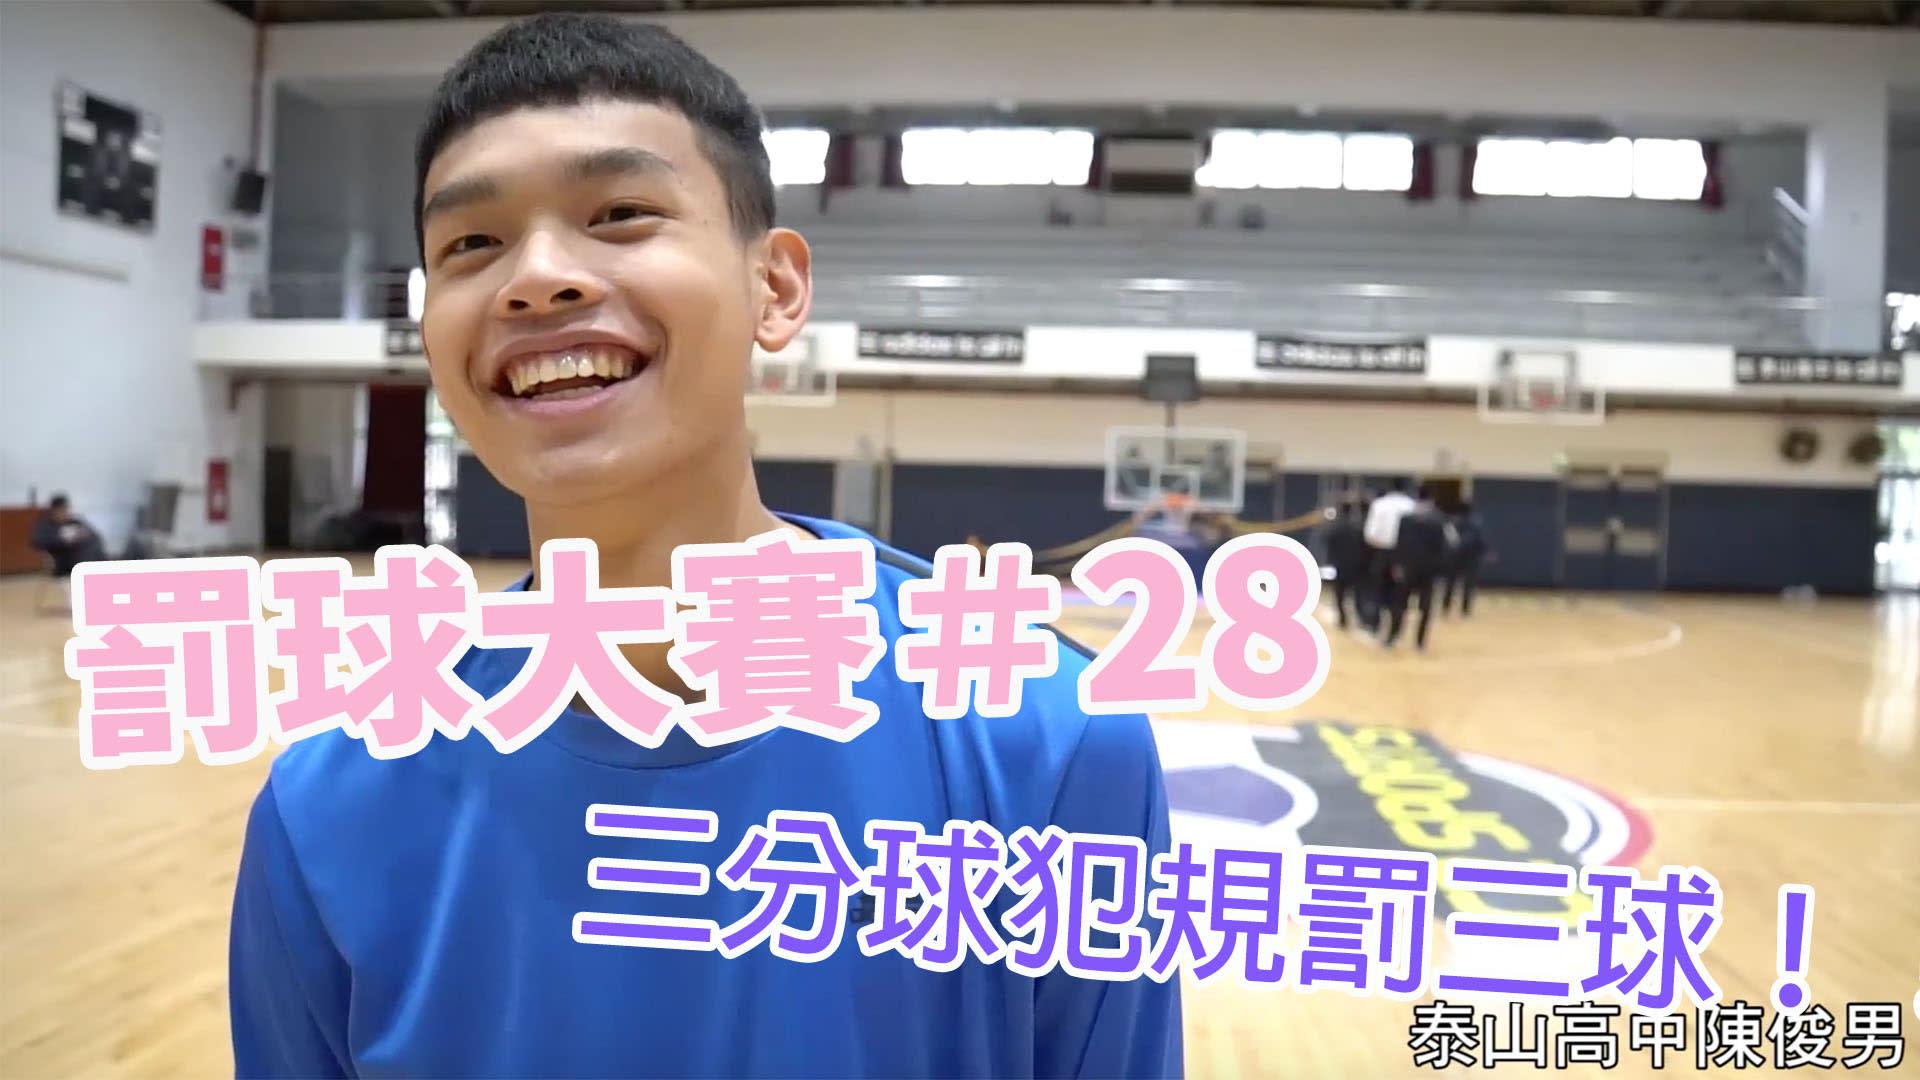 罰球大賽#28 泰山高中 陳俊男